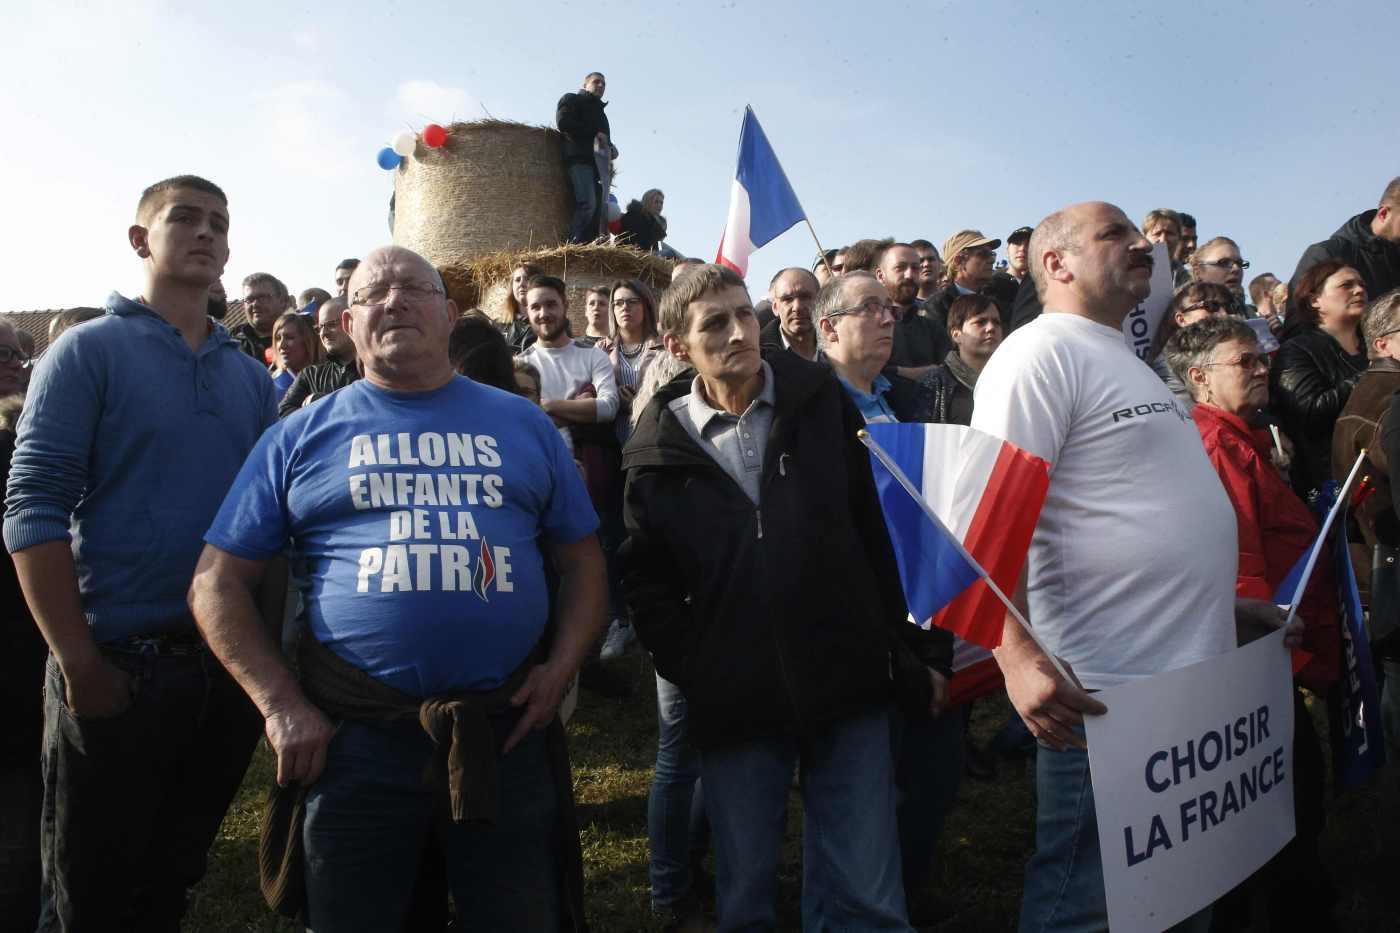 Francia elecciones extremismos peligro